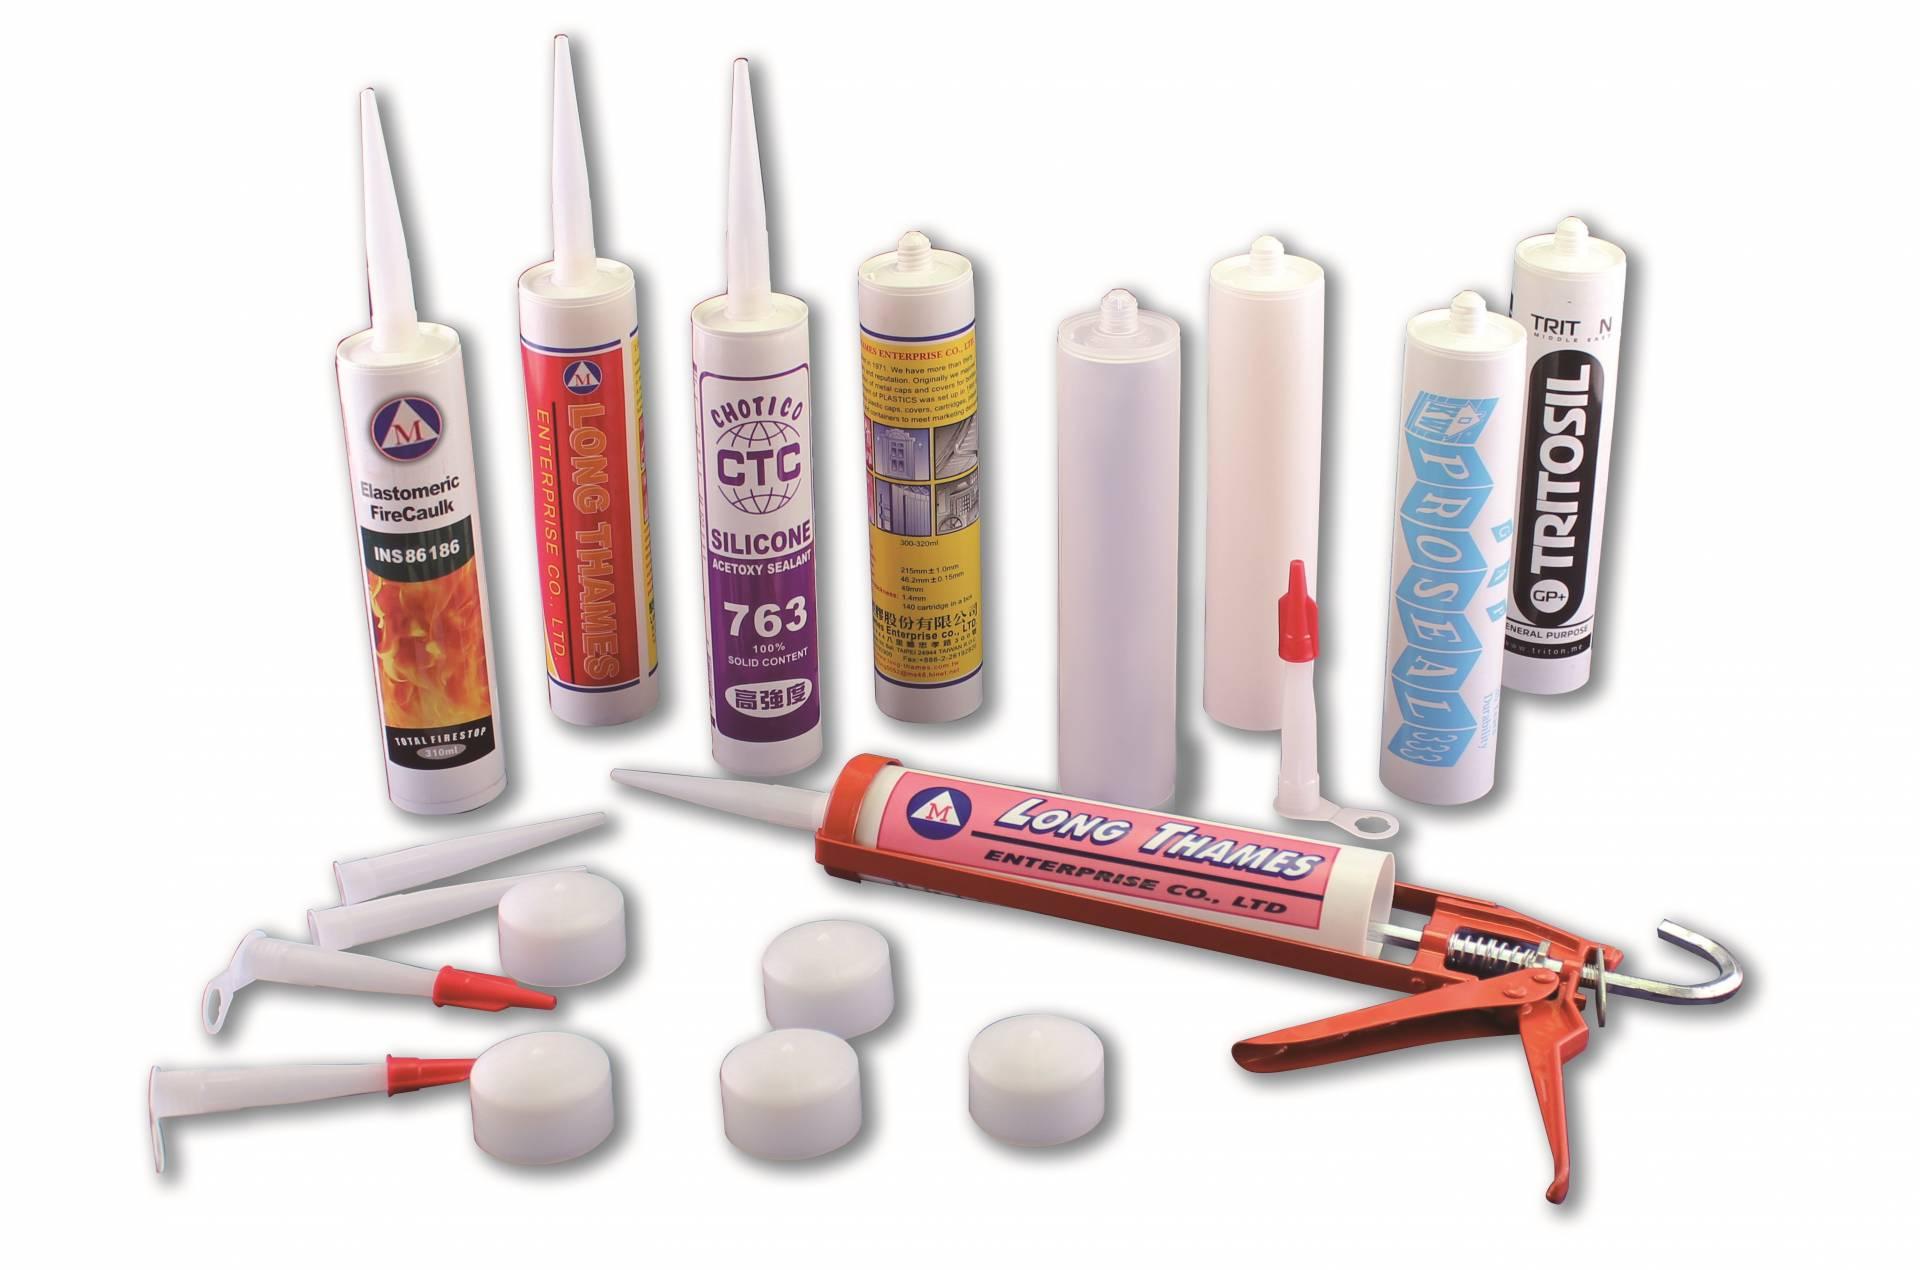 Printed Cartridge - PE Cartridge for Silicone Sealant - PE Cartridge for Silicone Sealant - Printed Cartridge